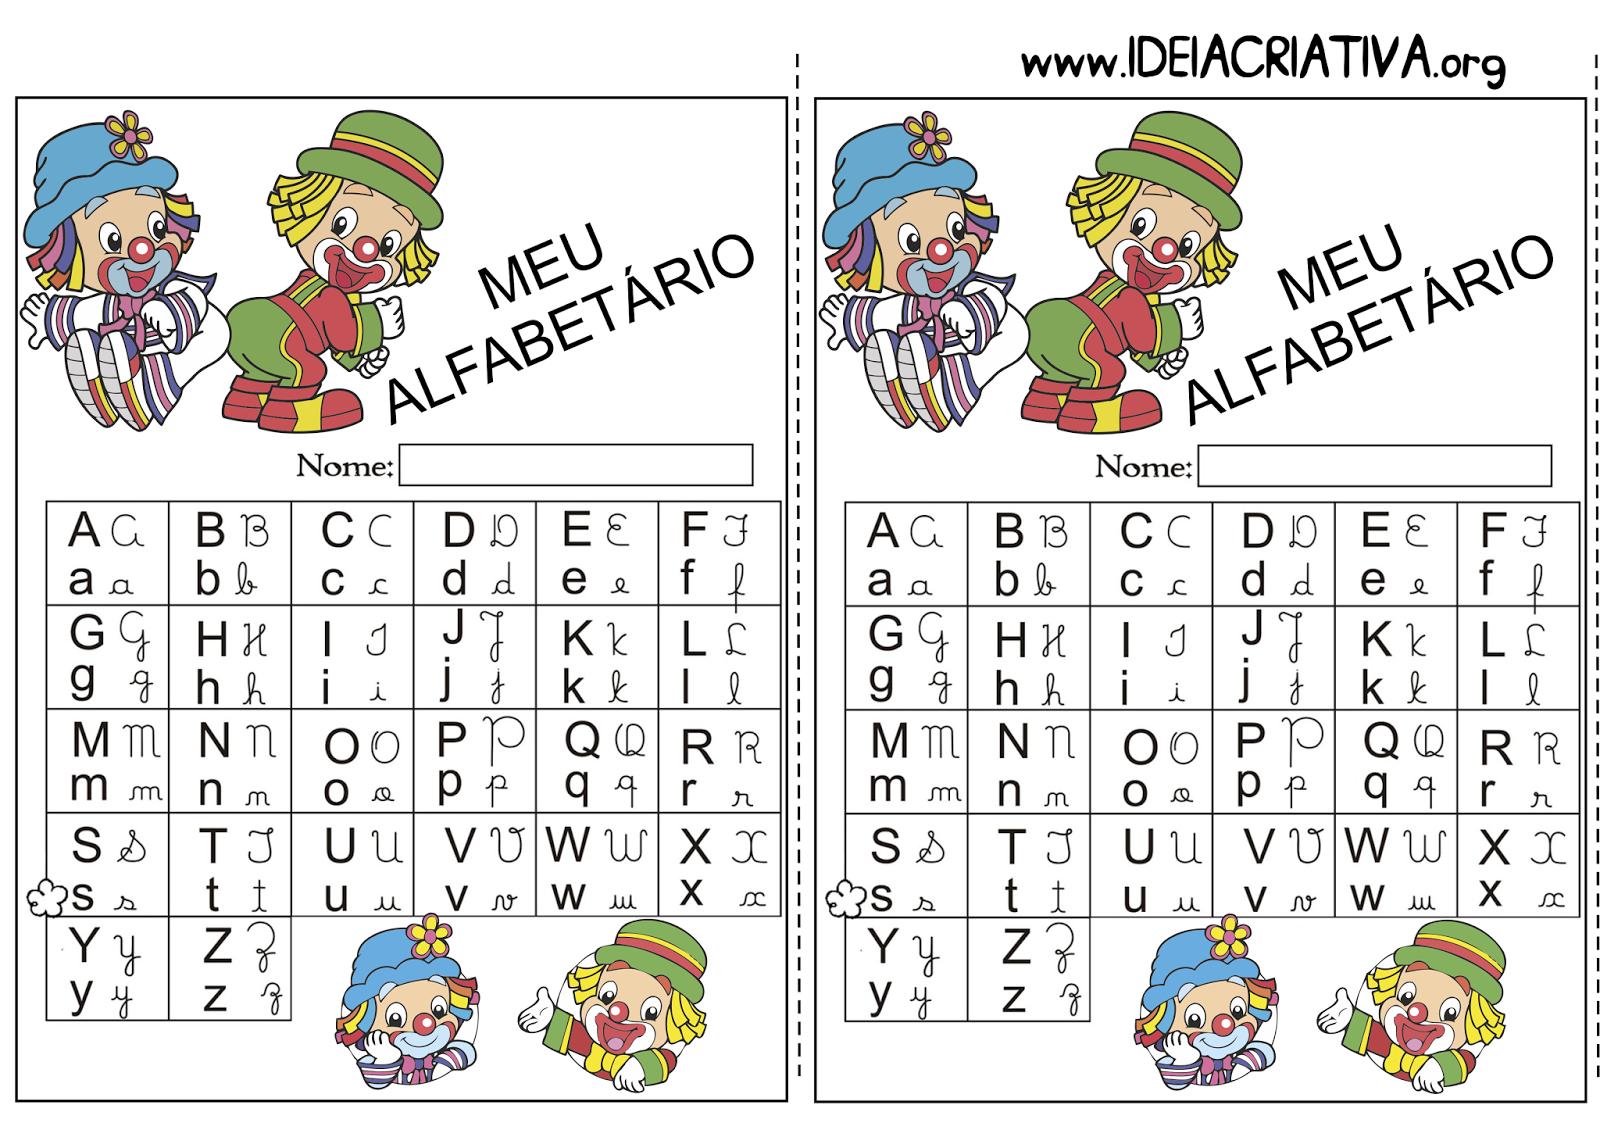 Alfabetário para imprimir grátis Patati Patatá